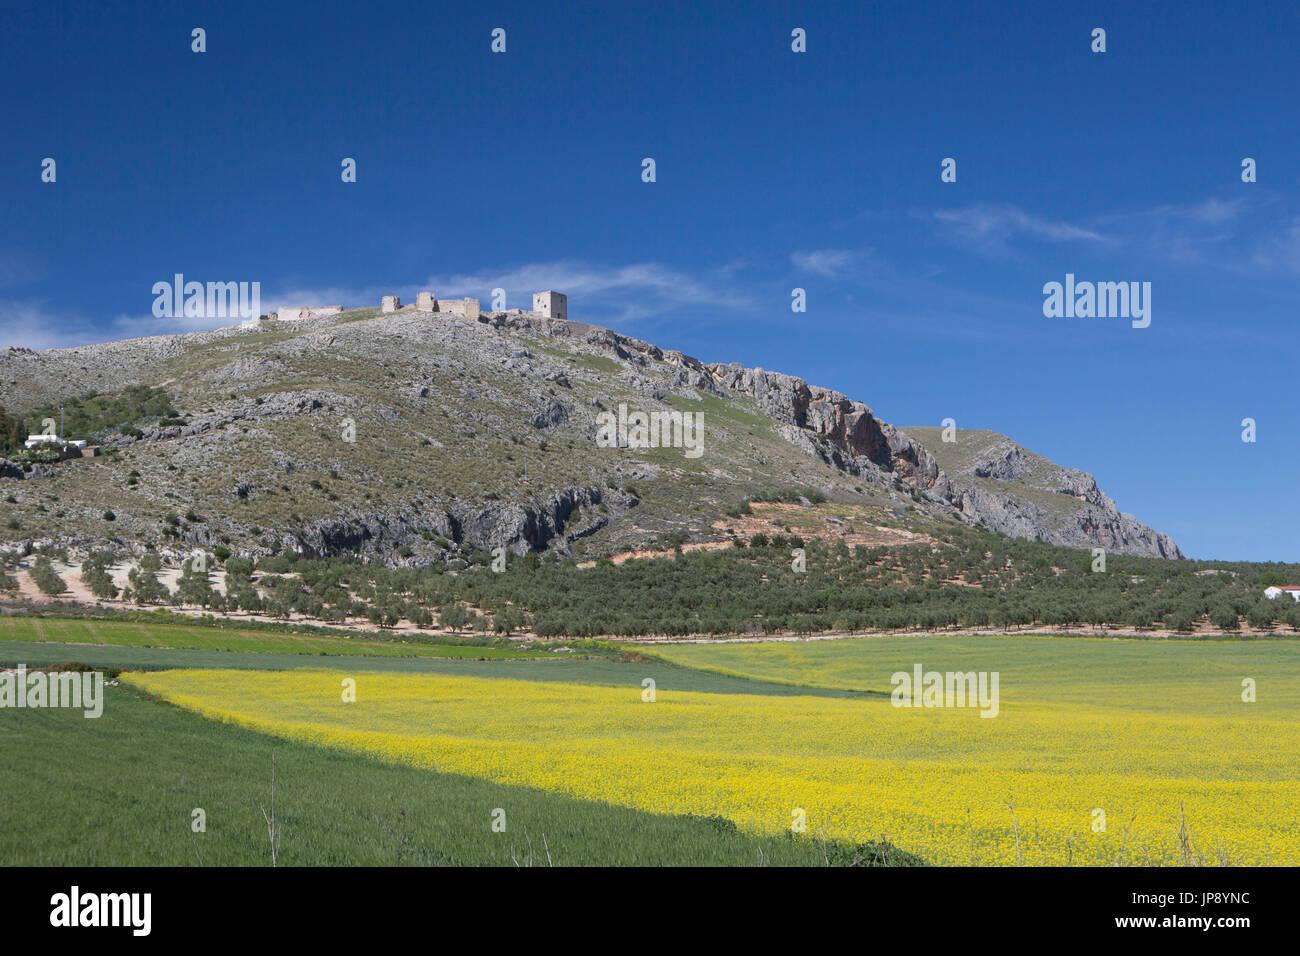 Spagna, Andalusia Regione, Provincia di Malaga, Teba City, Paesaggio vicino a Ronda City Foto Stock